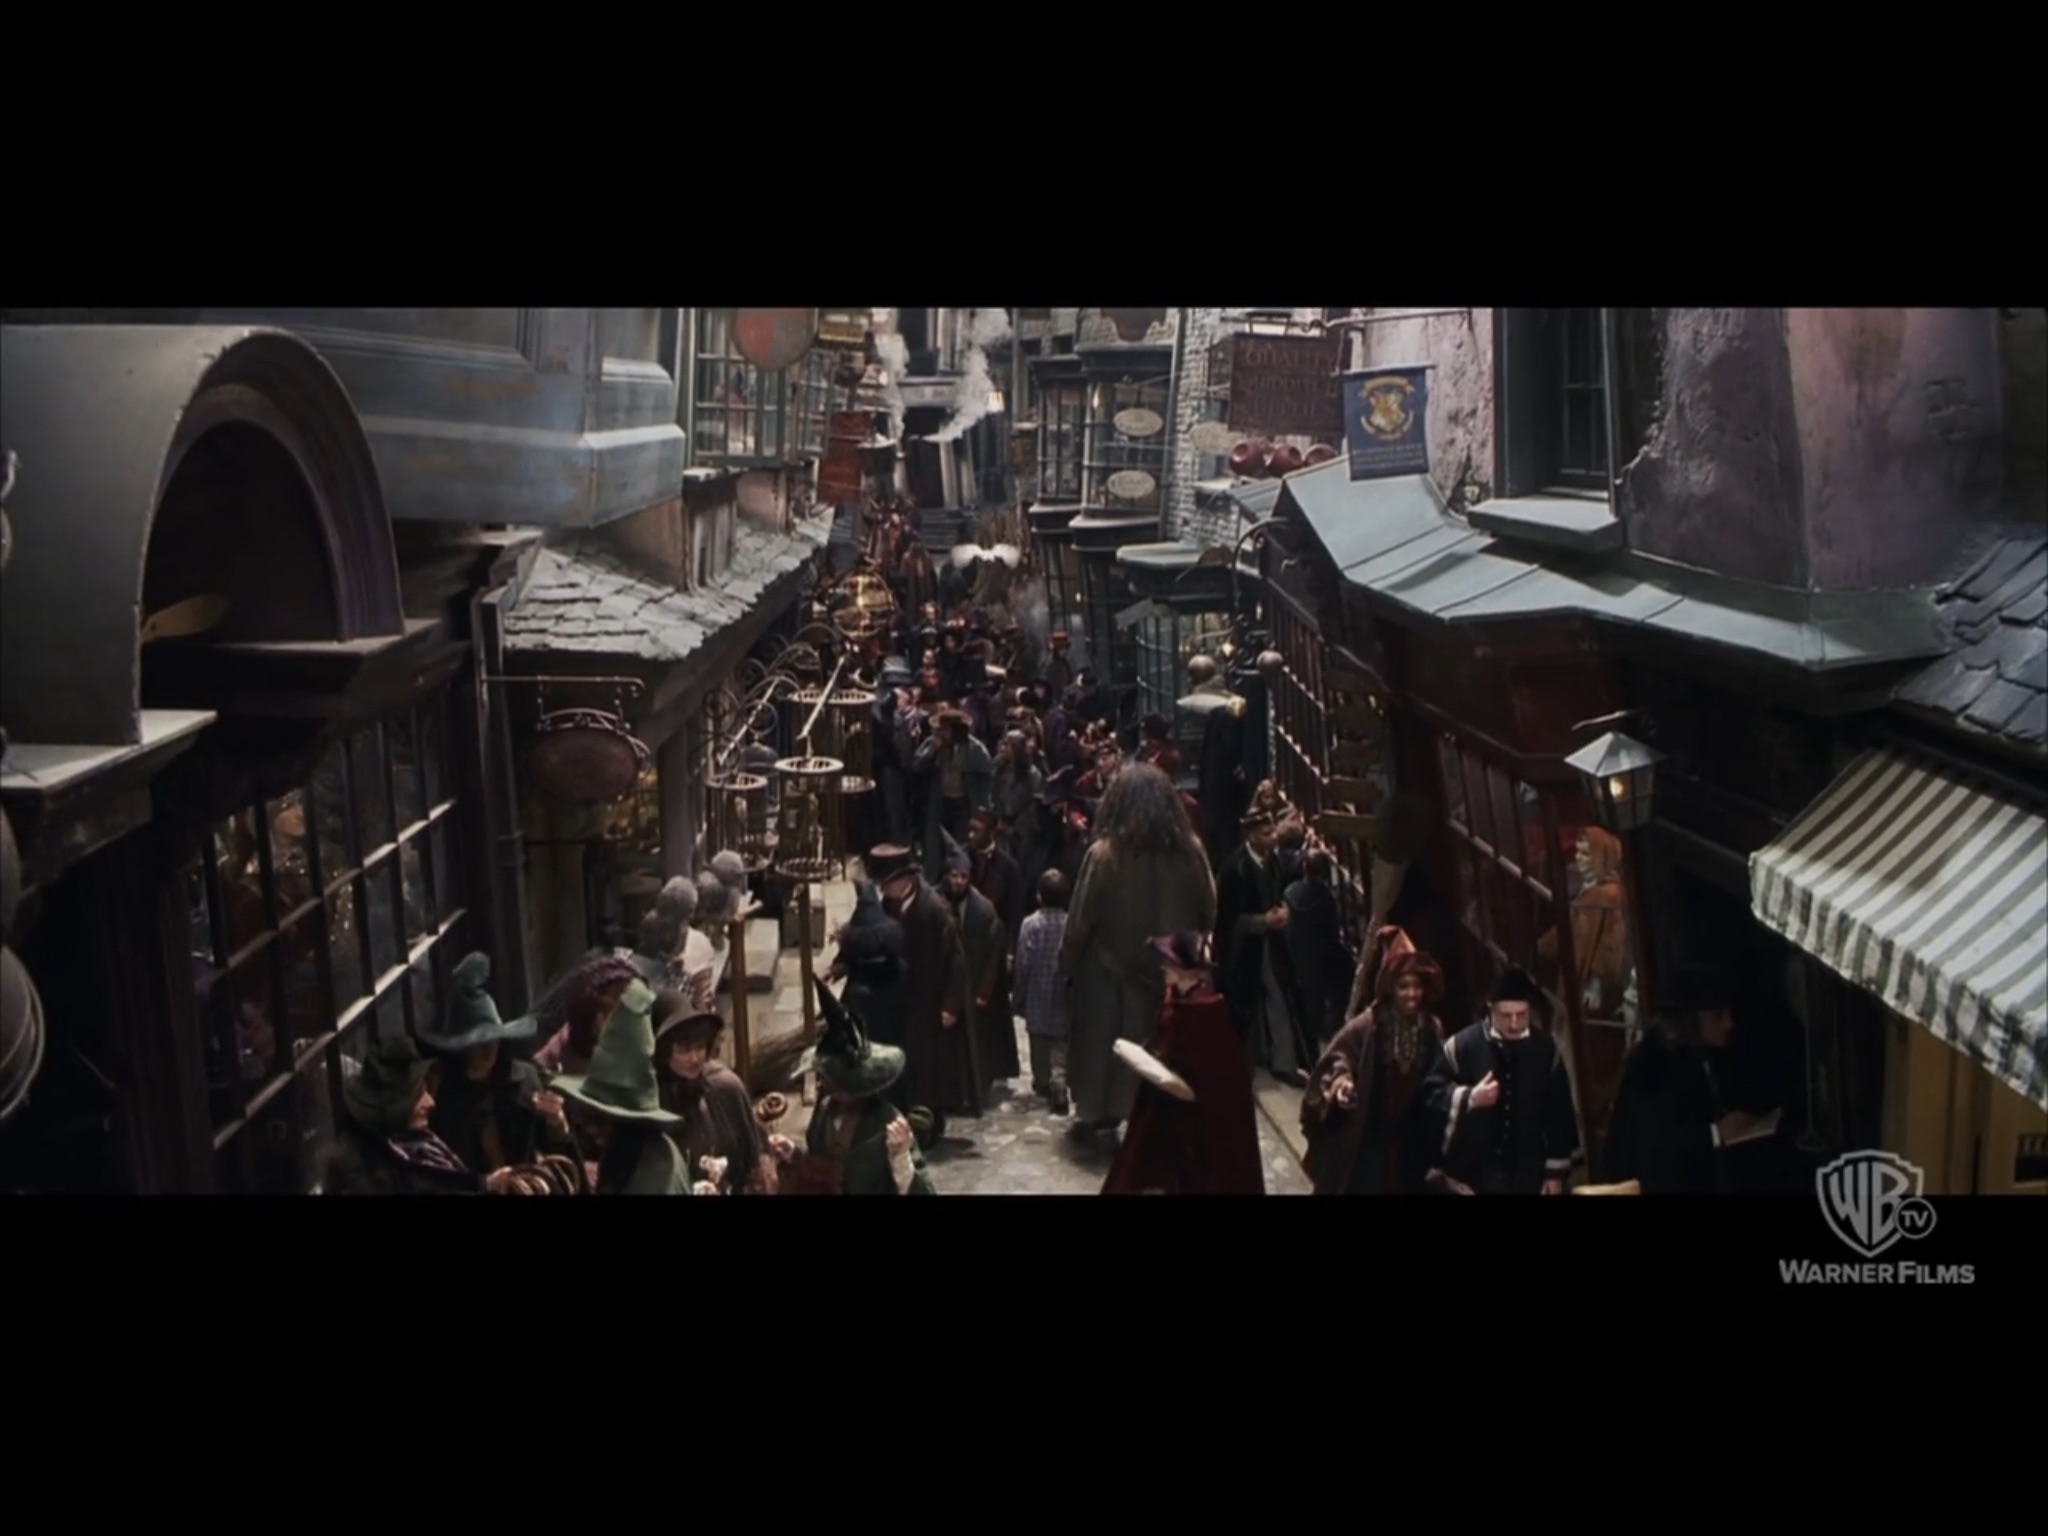 あらためて映画「ハリーポッター」第1作目を見たけど、素晴らしくクリエイティブだな。